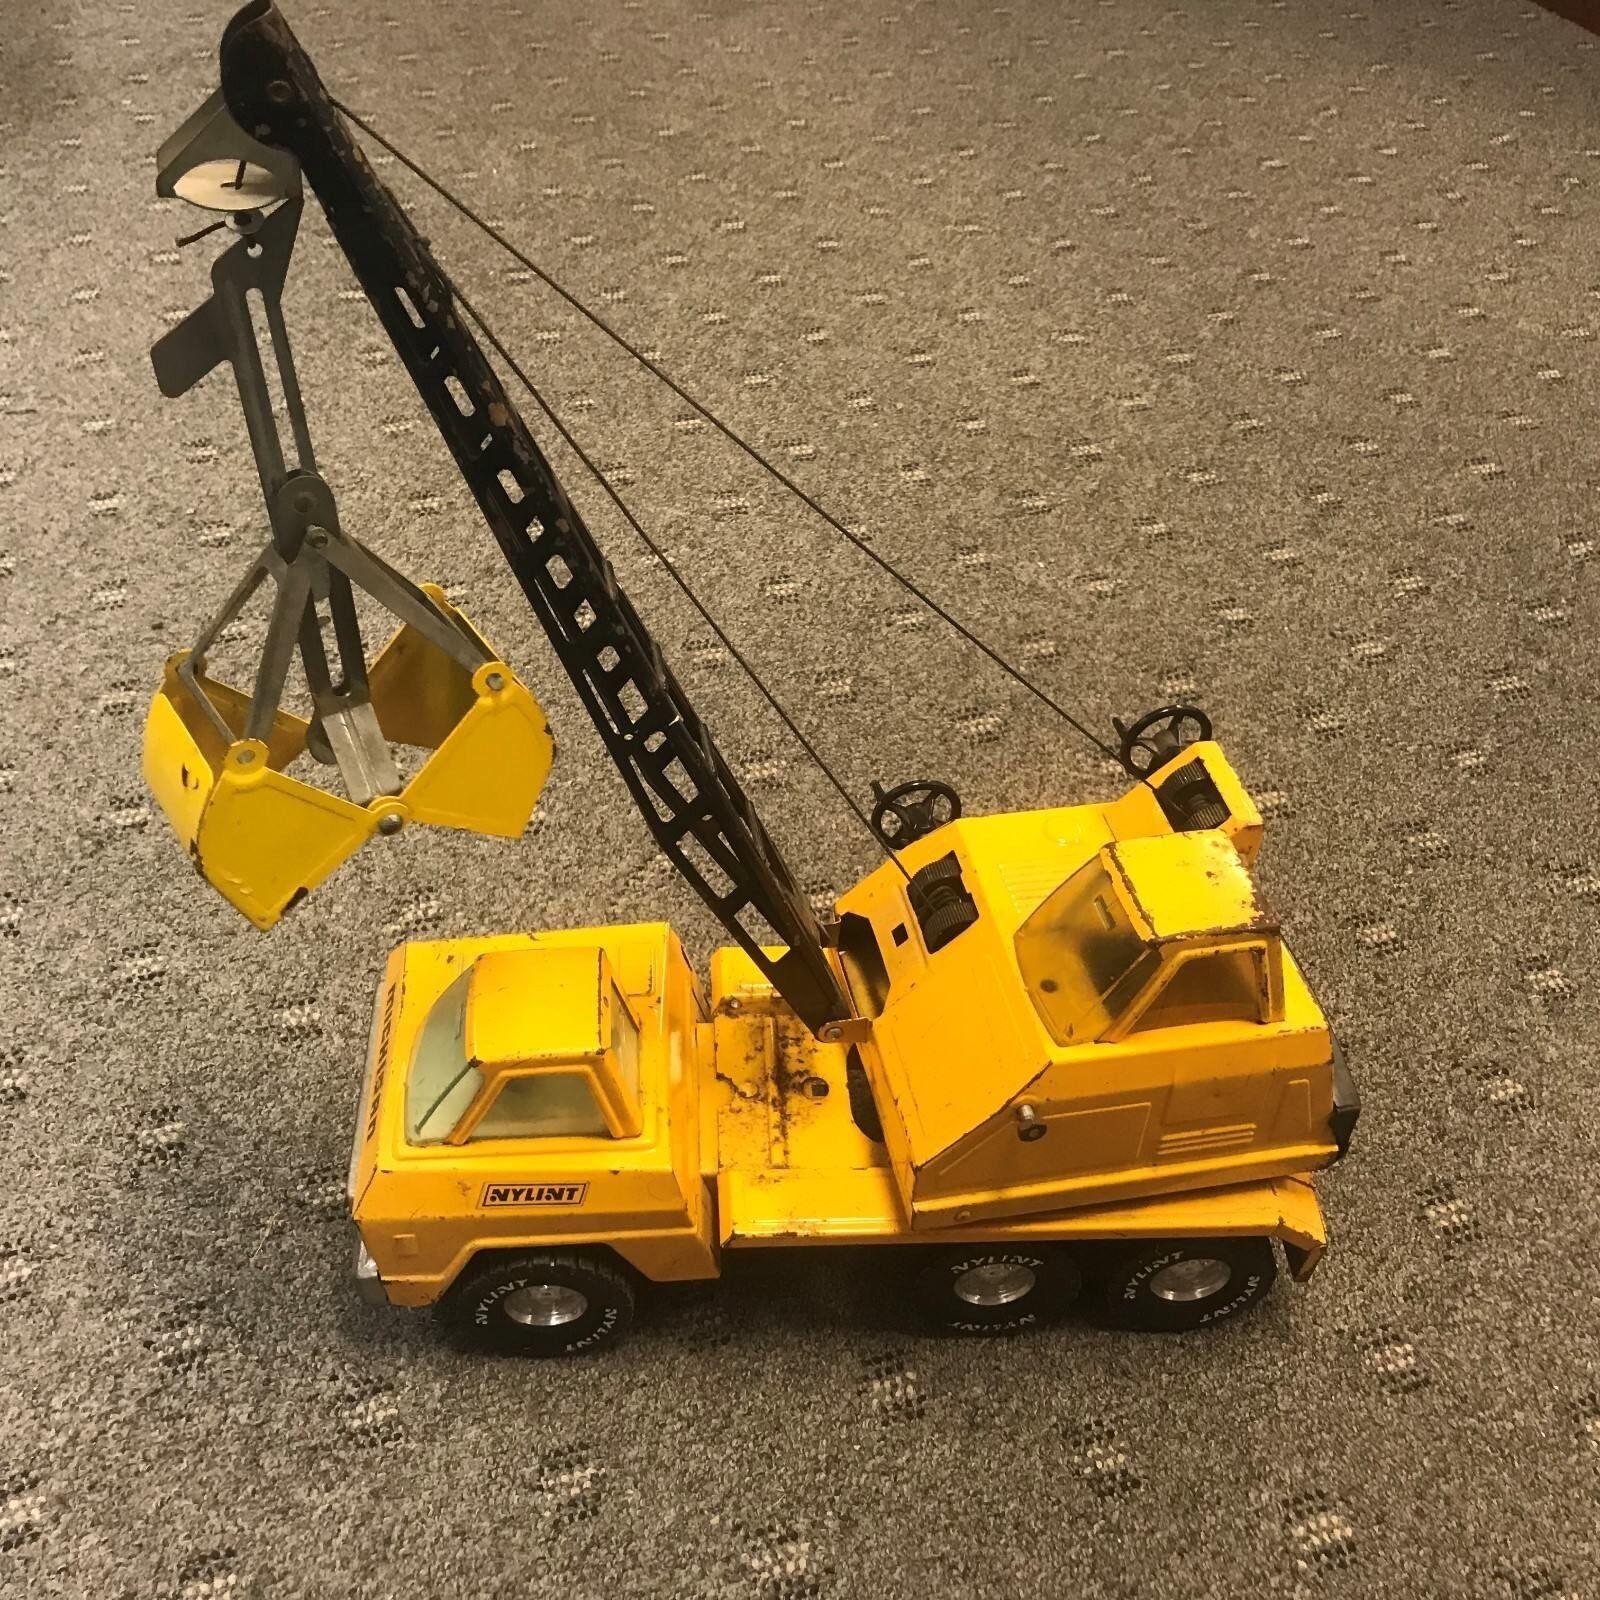 De Colección Nylint Pala Excavadora Juguete Camión De Juguete De Acero Prensado giallo Cable grúa funciona